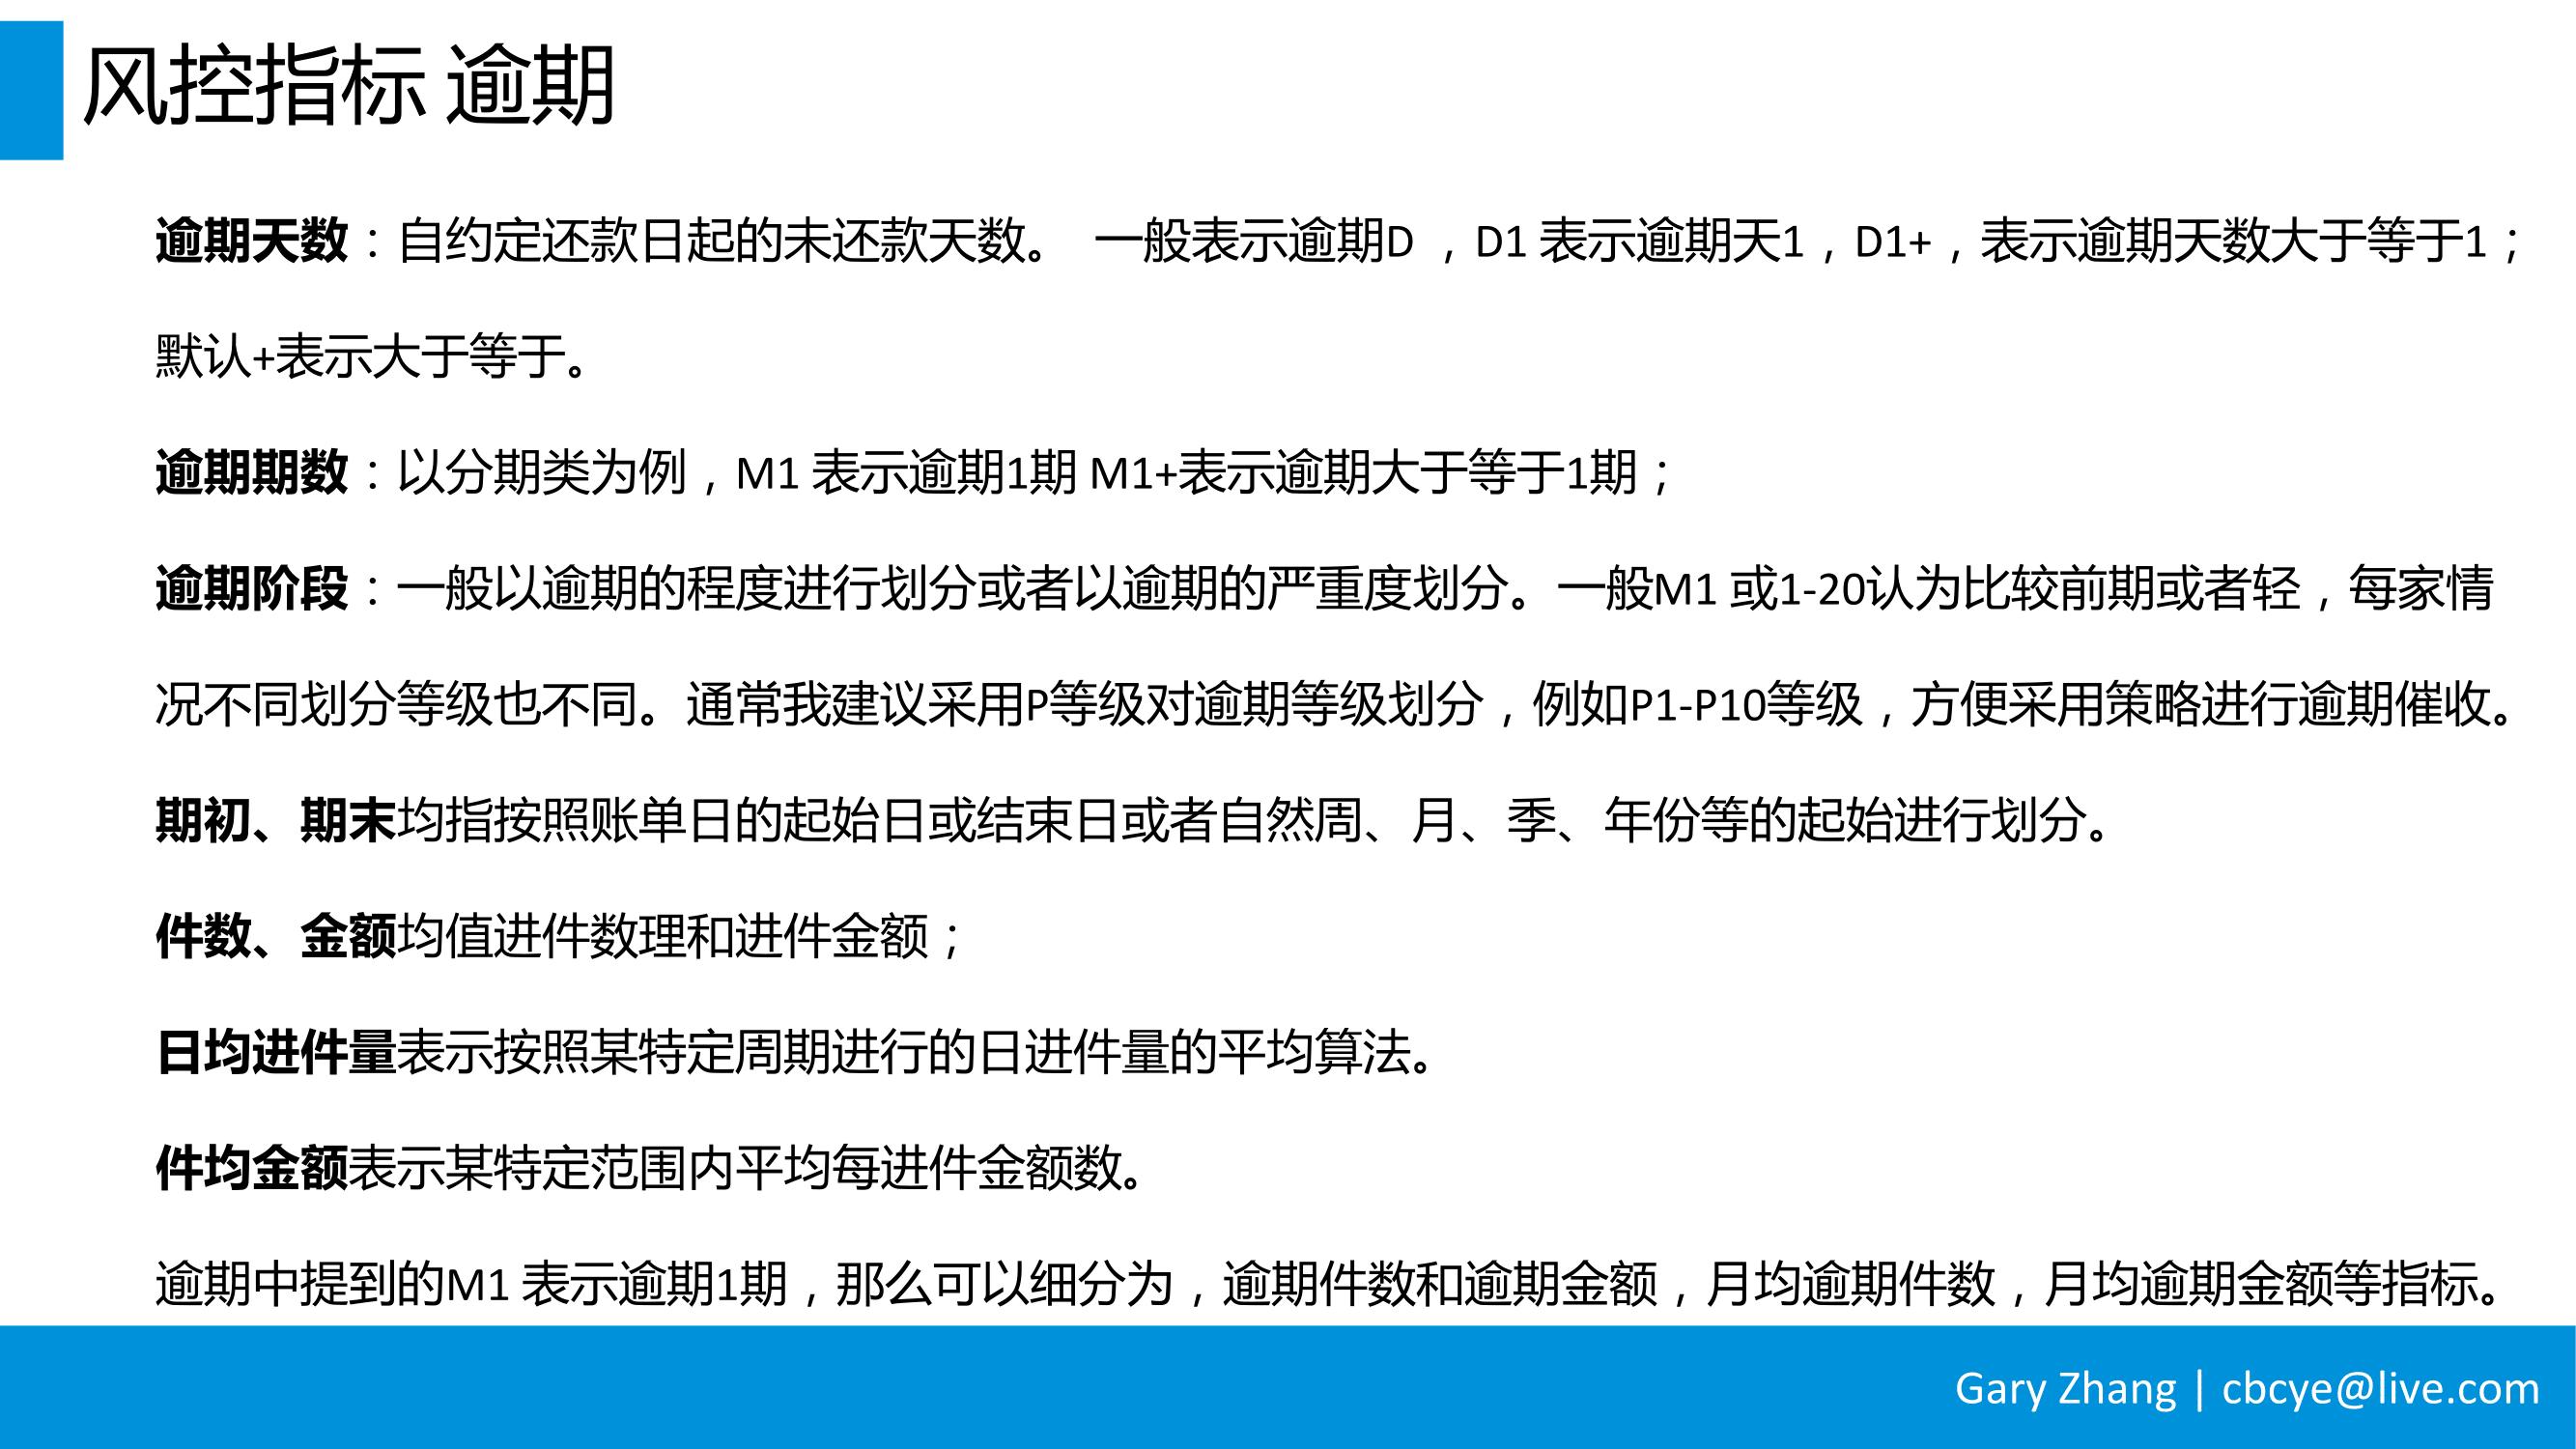 消费金融业务全流程指南_v1.0-083